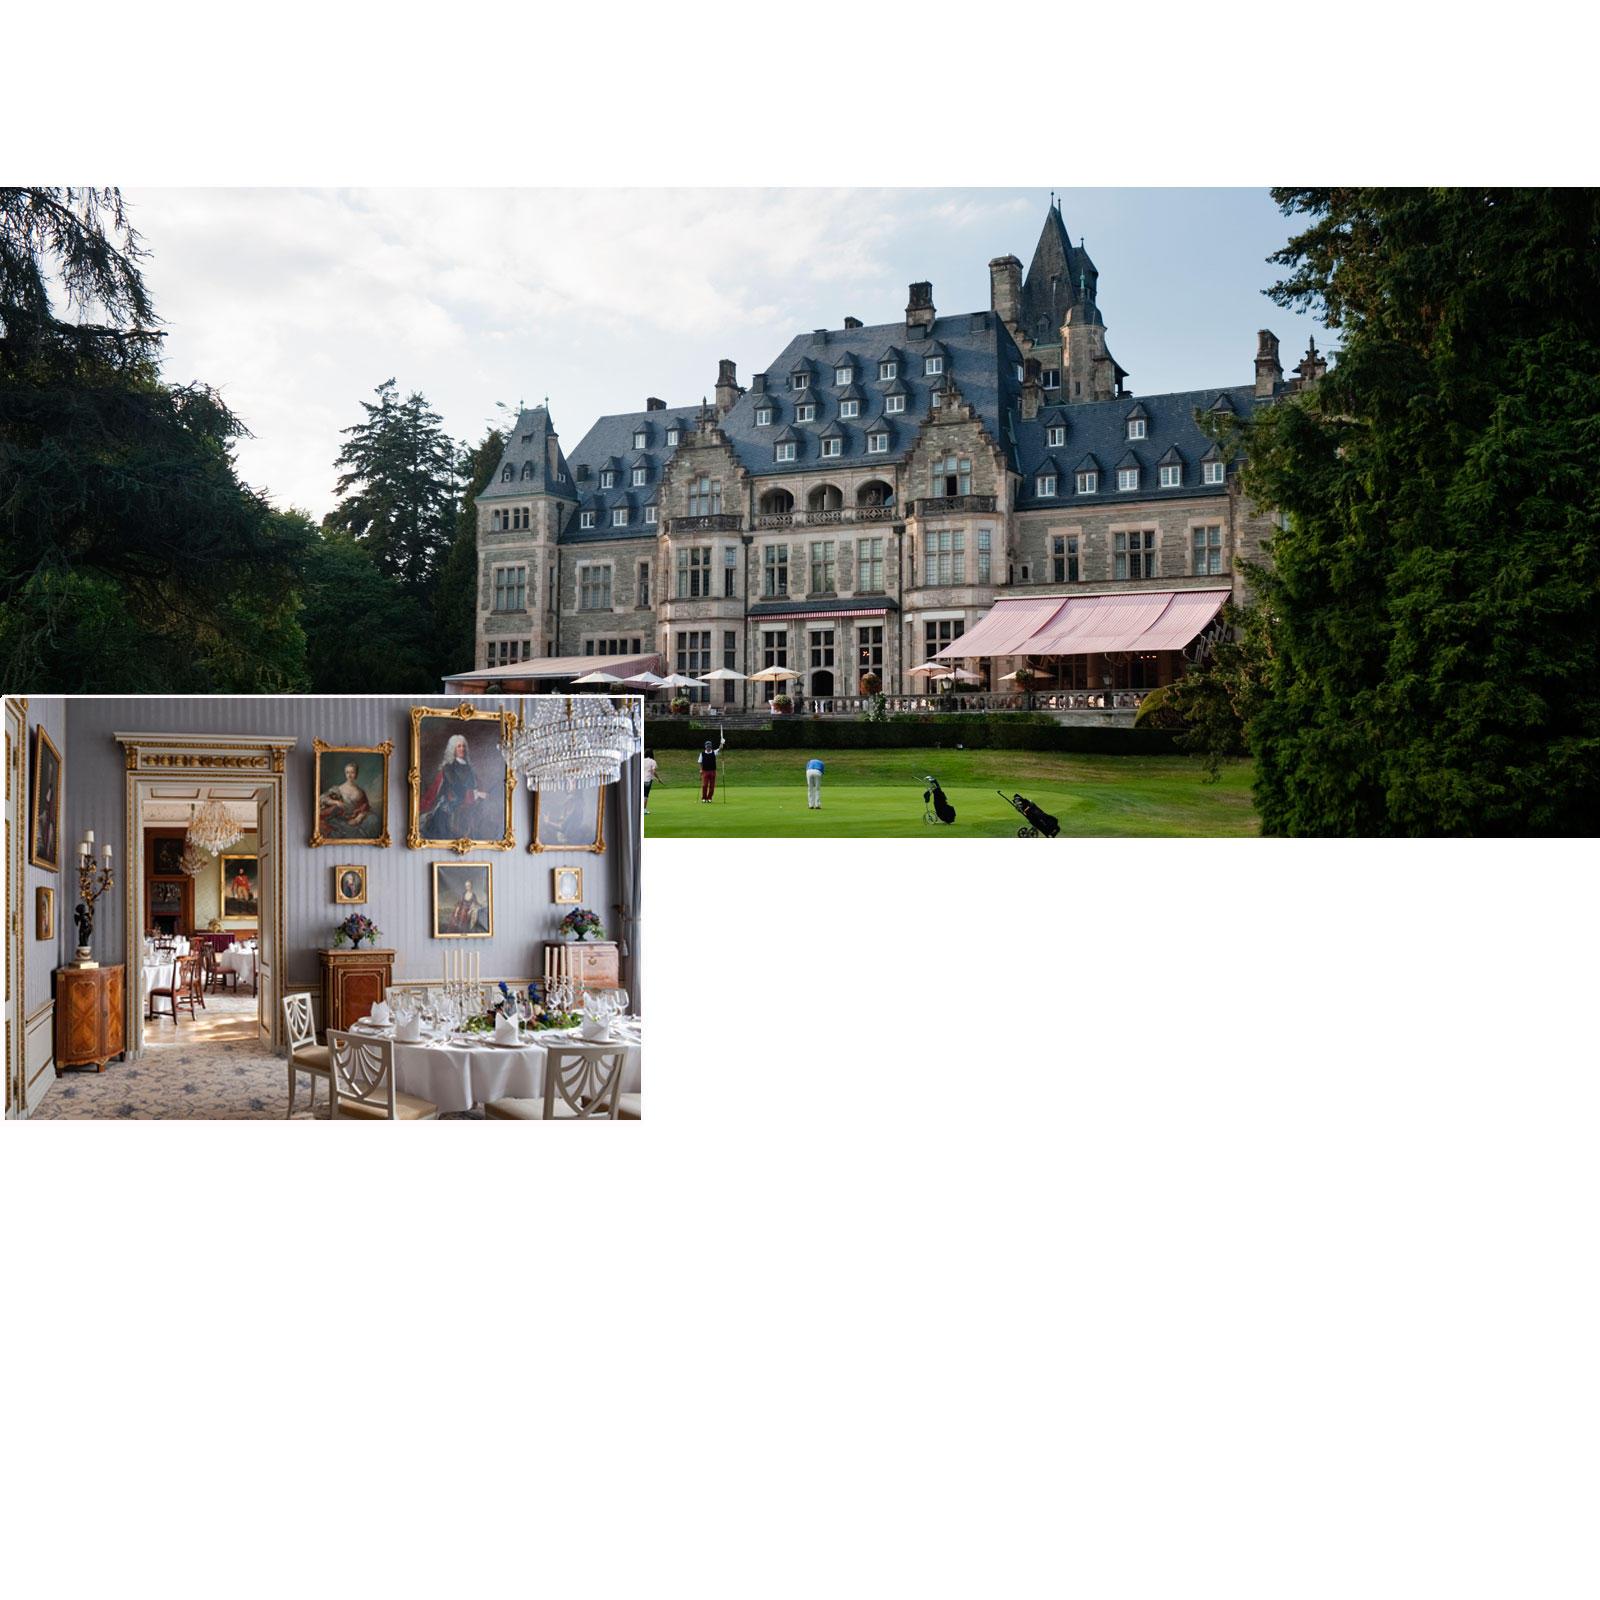 Gewinnen Sie eine Übernachtung im Schlosshotel Kronberg